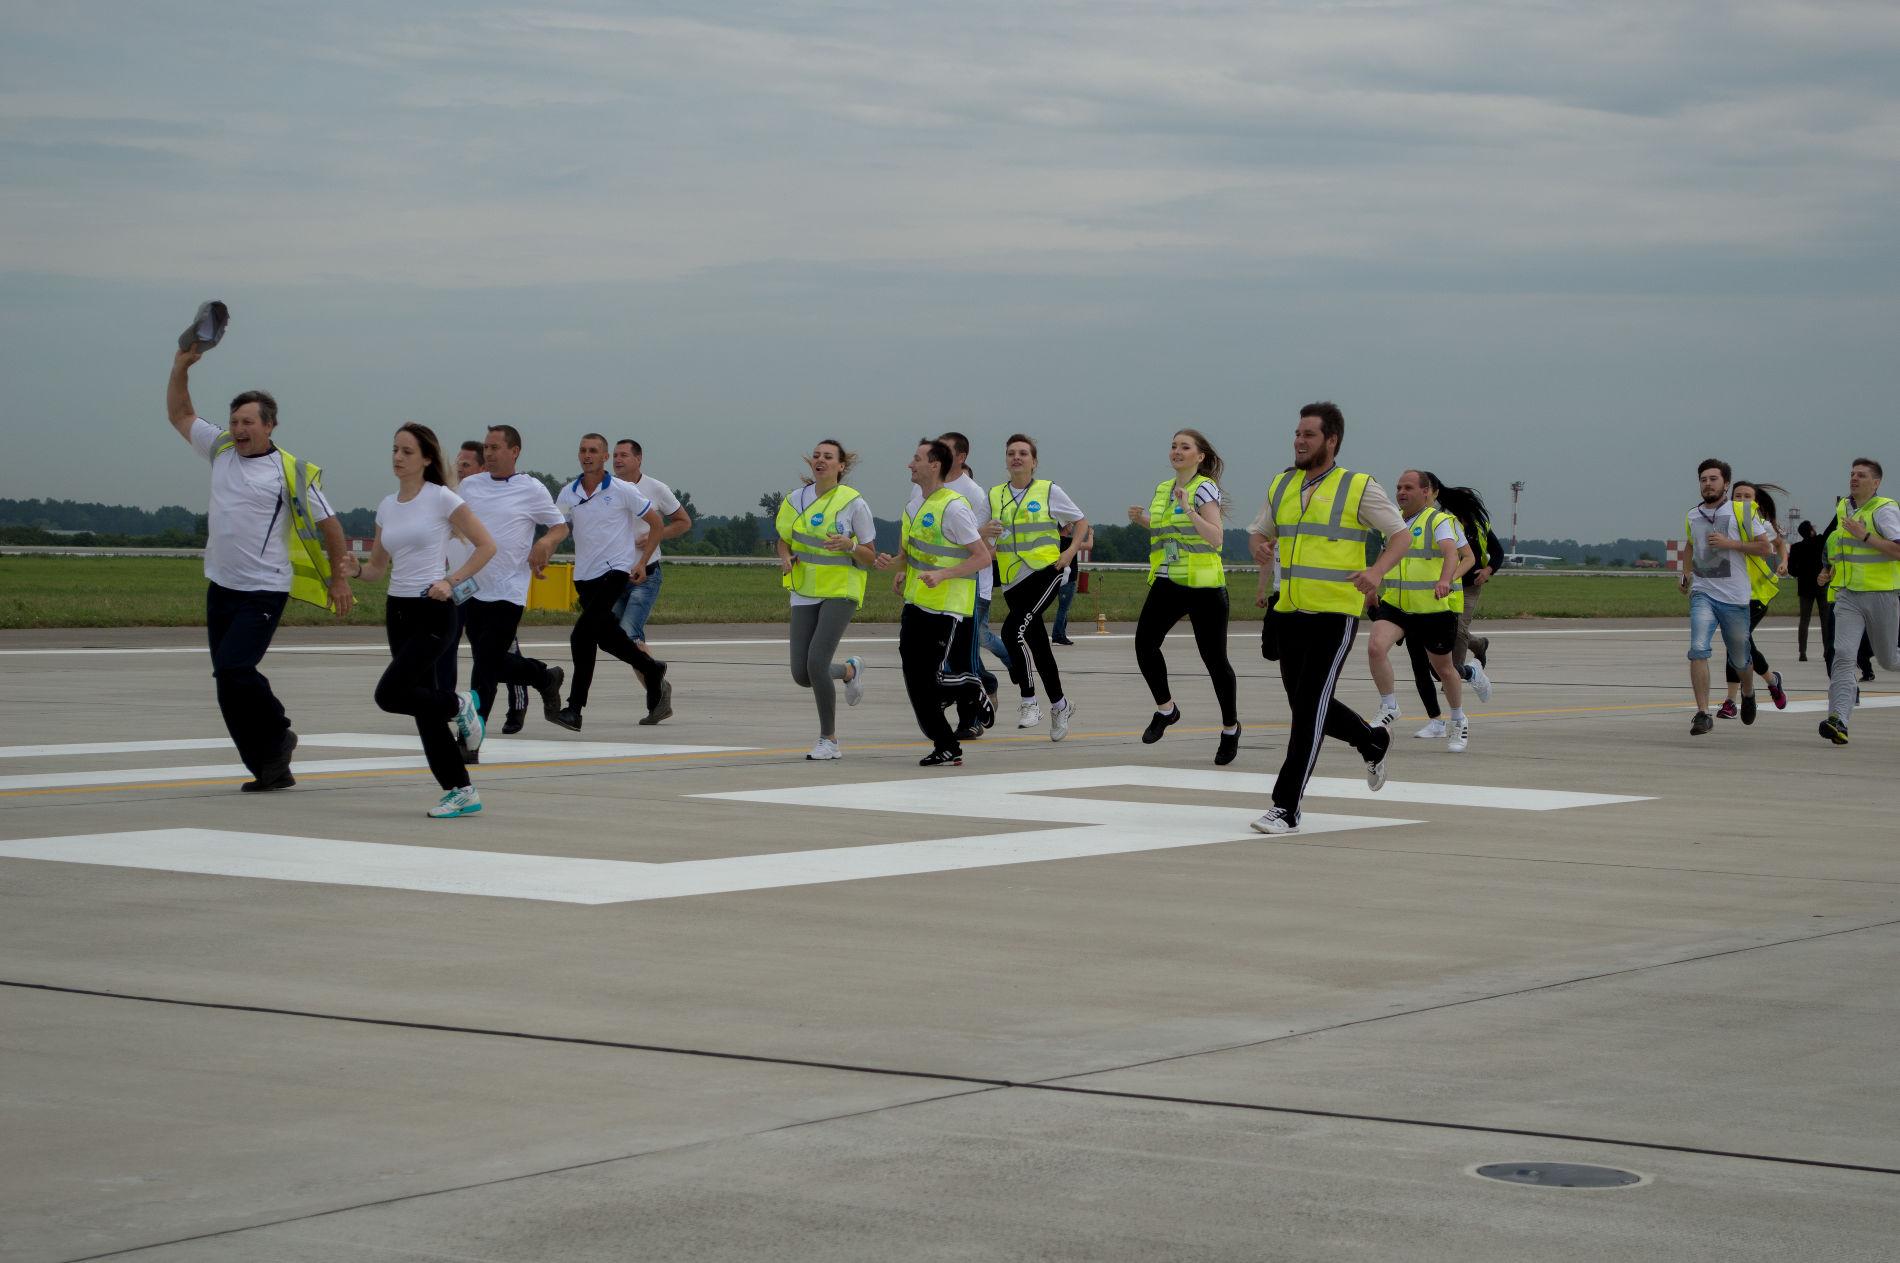 Ваэропорту Краснодара провели тест новейшей взлетно-посадочной полосы